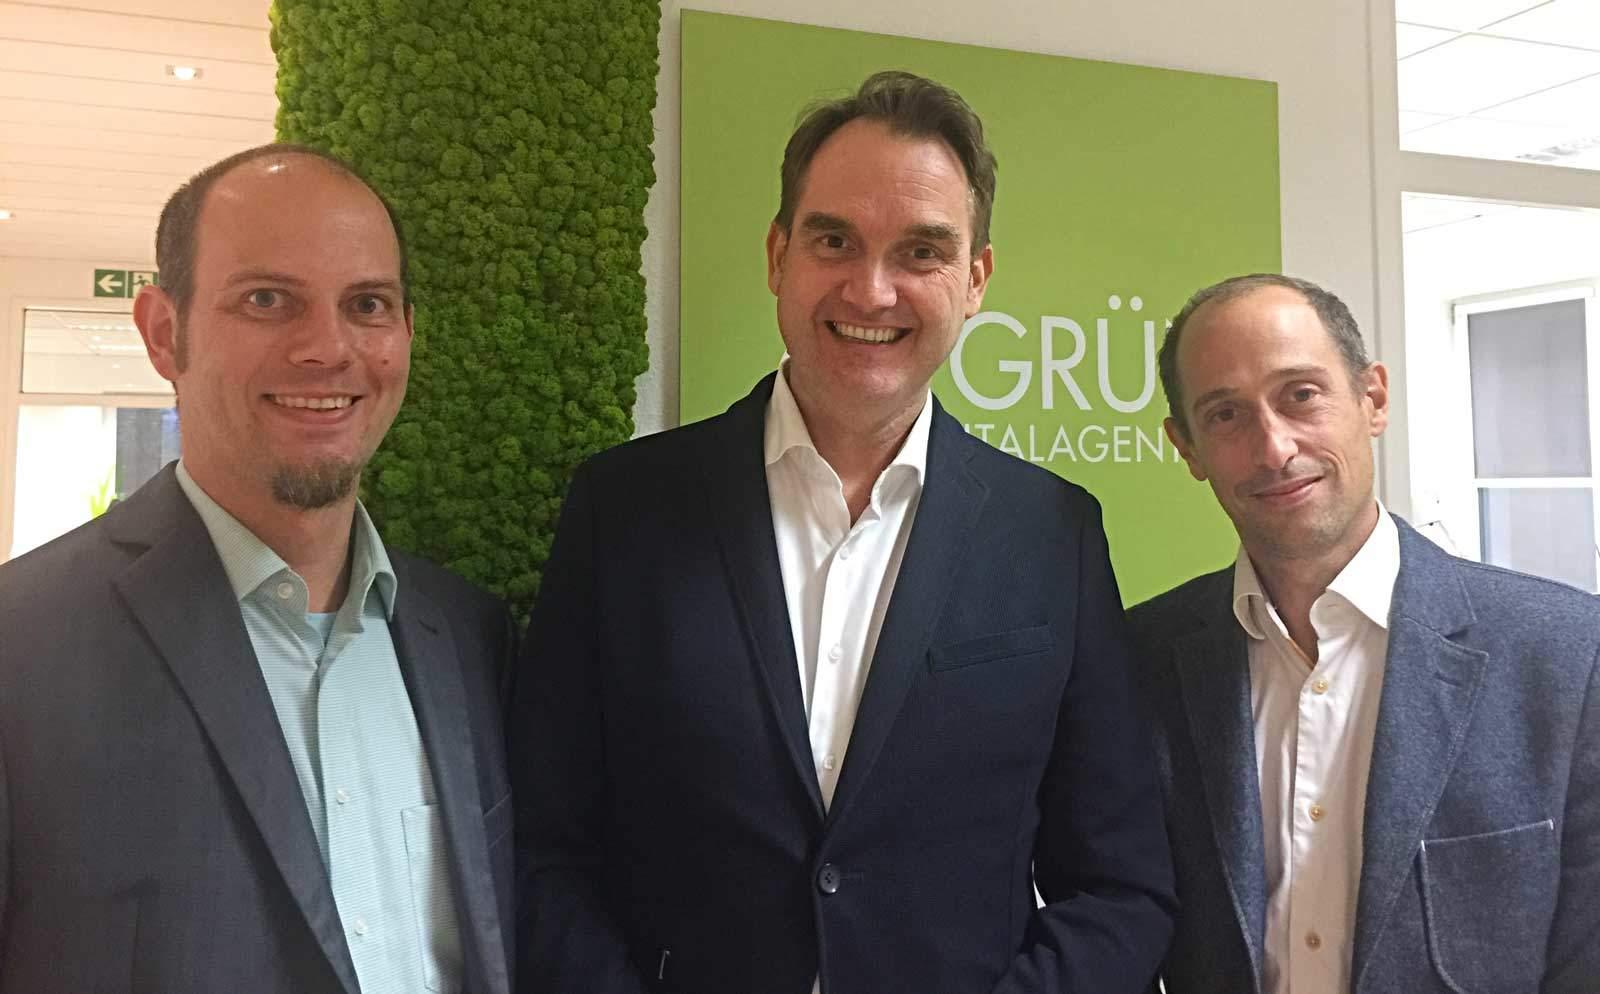 Bastian Haustein (links), der neue CTO der giftGRÜN GmbH, mit den beiden Geschäftsführern der Digitalagentur Patrick Heinker (rechts) und Dr. Oliver Grün (Mitte).